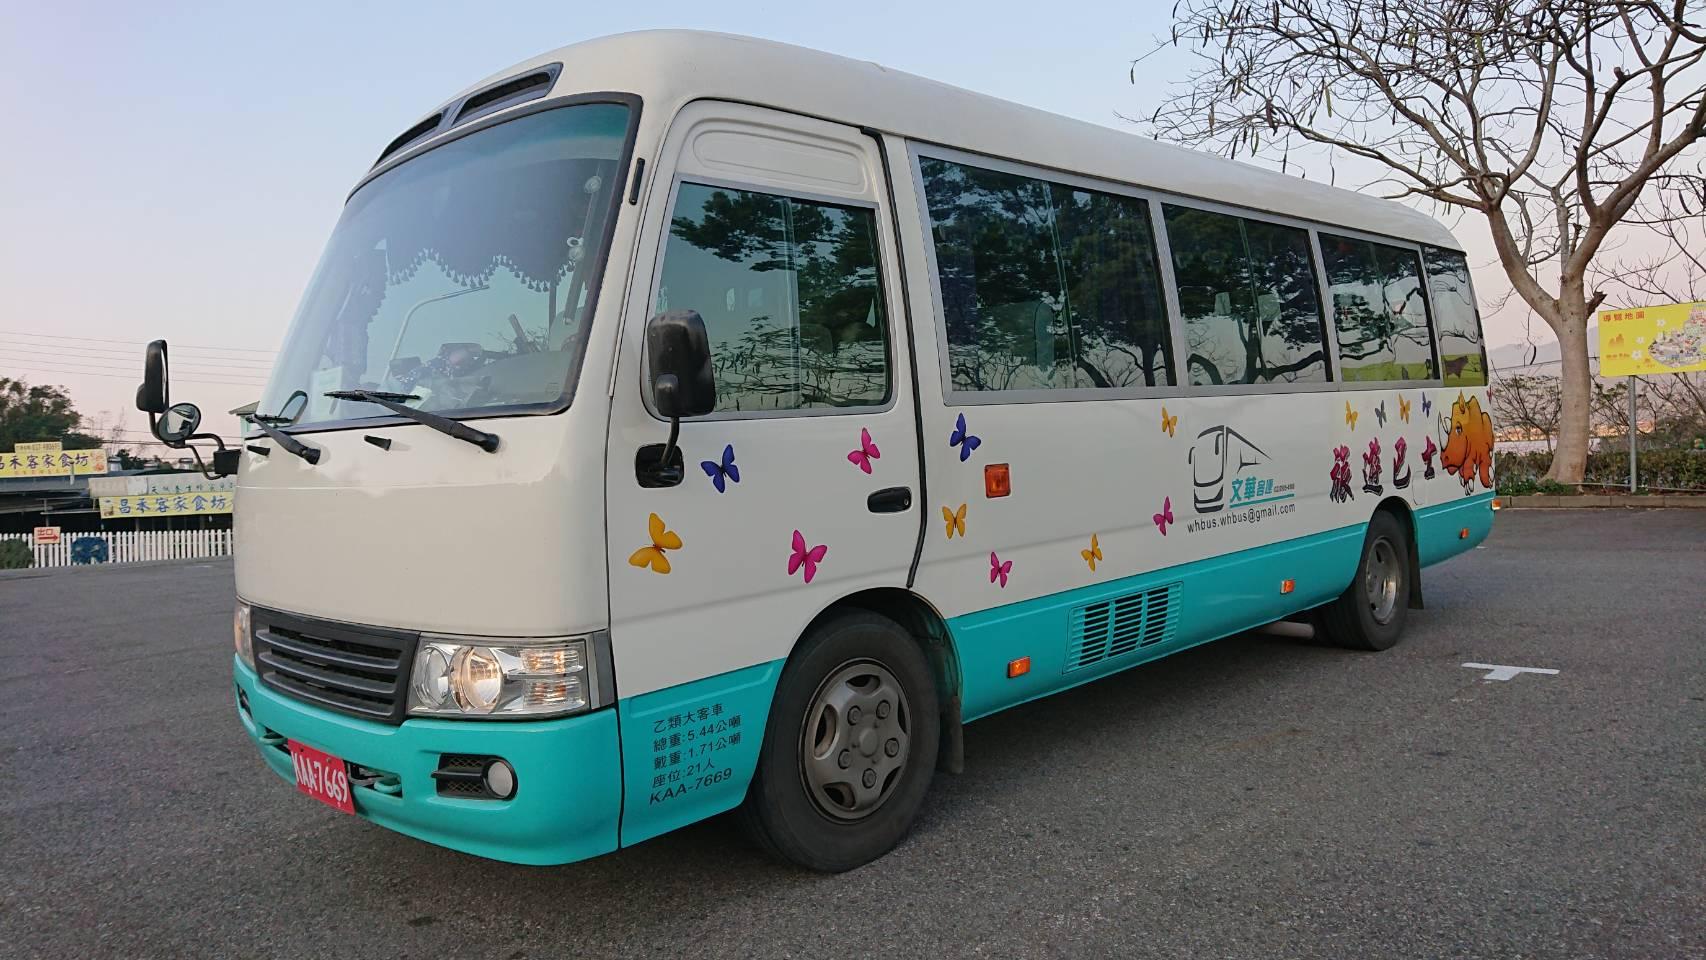 小可愛巴士包車,19人座包車,小可愛包車旅遊,小可愛旅遊包車,19人座旅遊包車